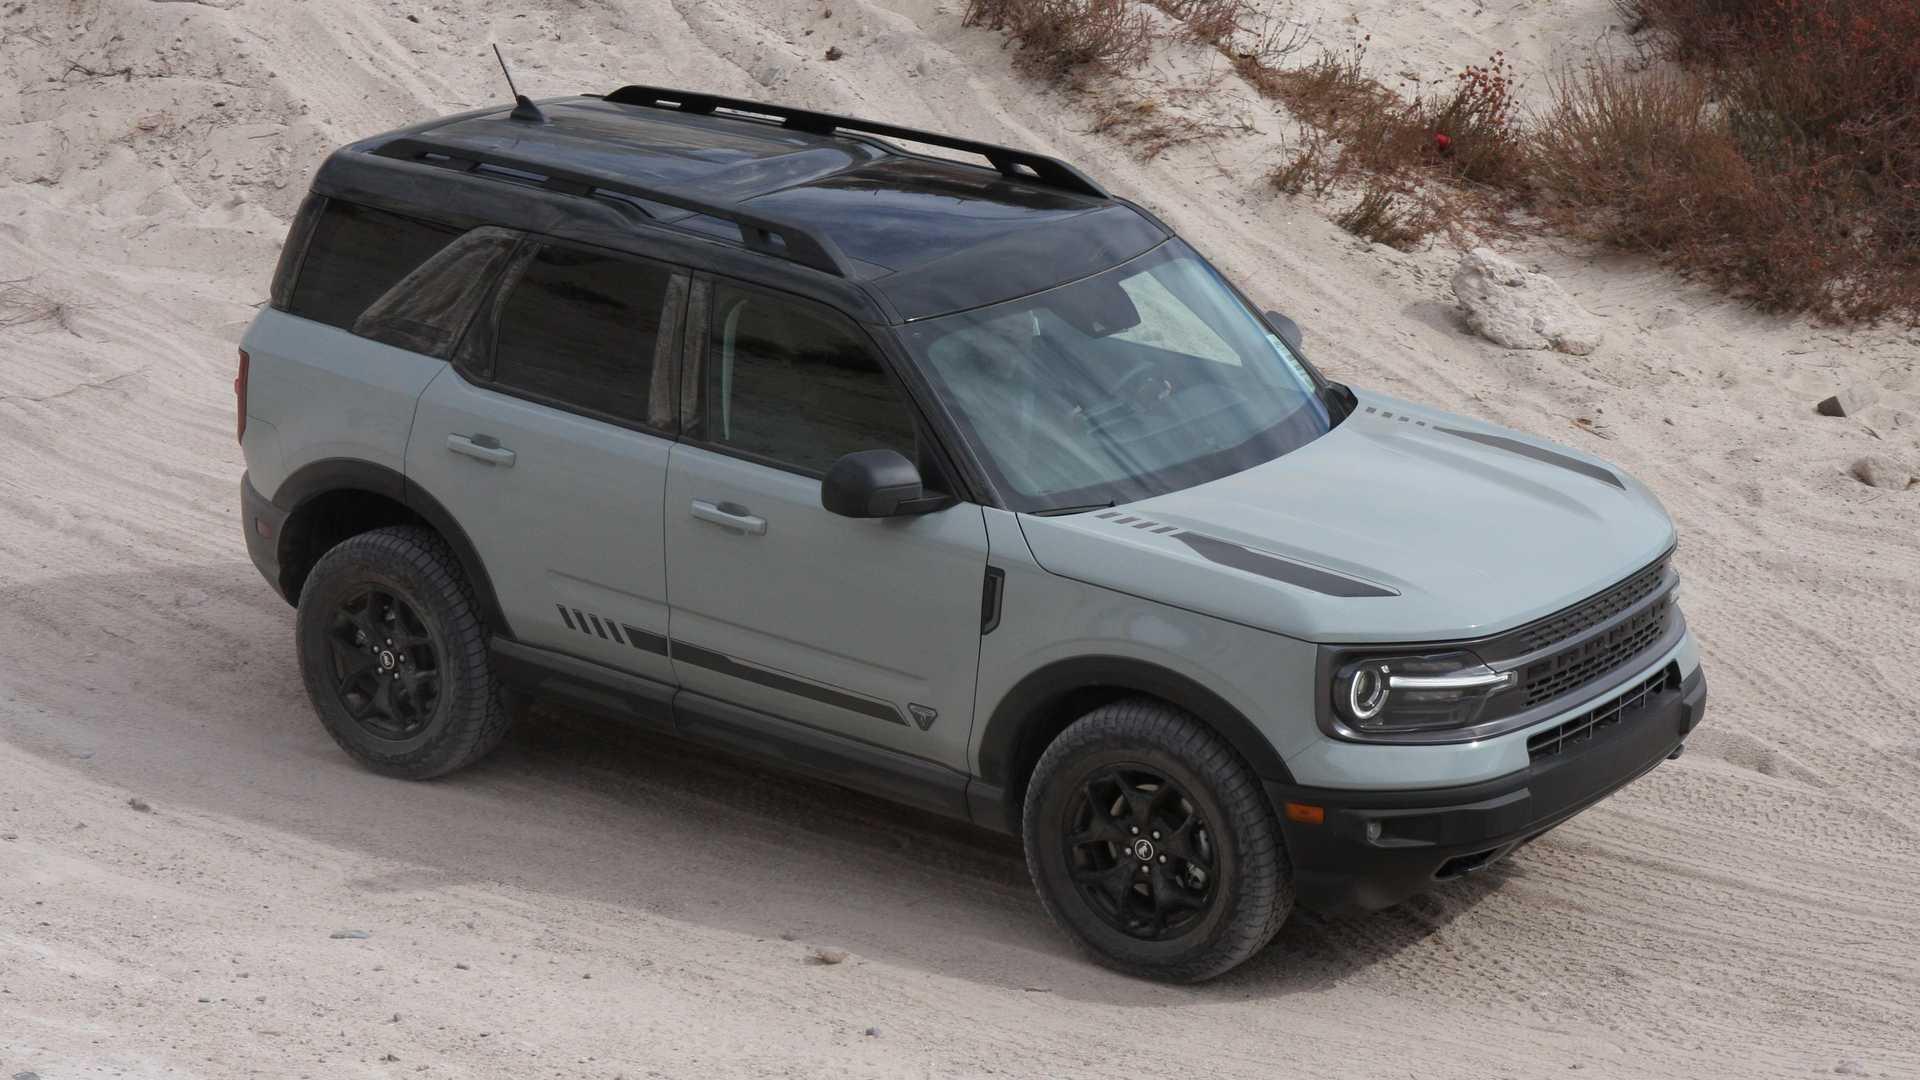 Ваш Ford Bronco Sport 2021 года может быть отложен, если вы закажете эти функции